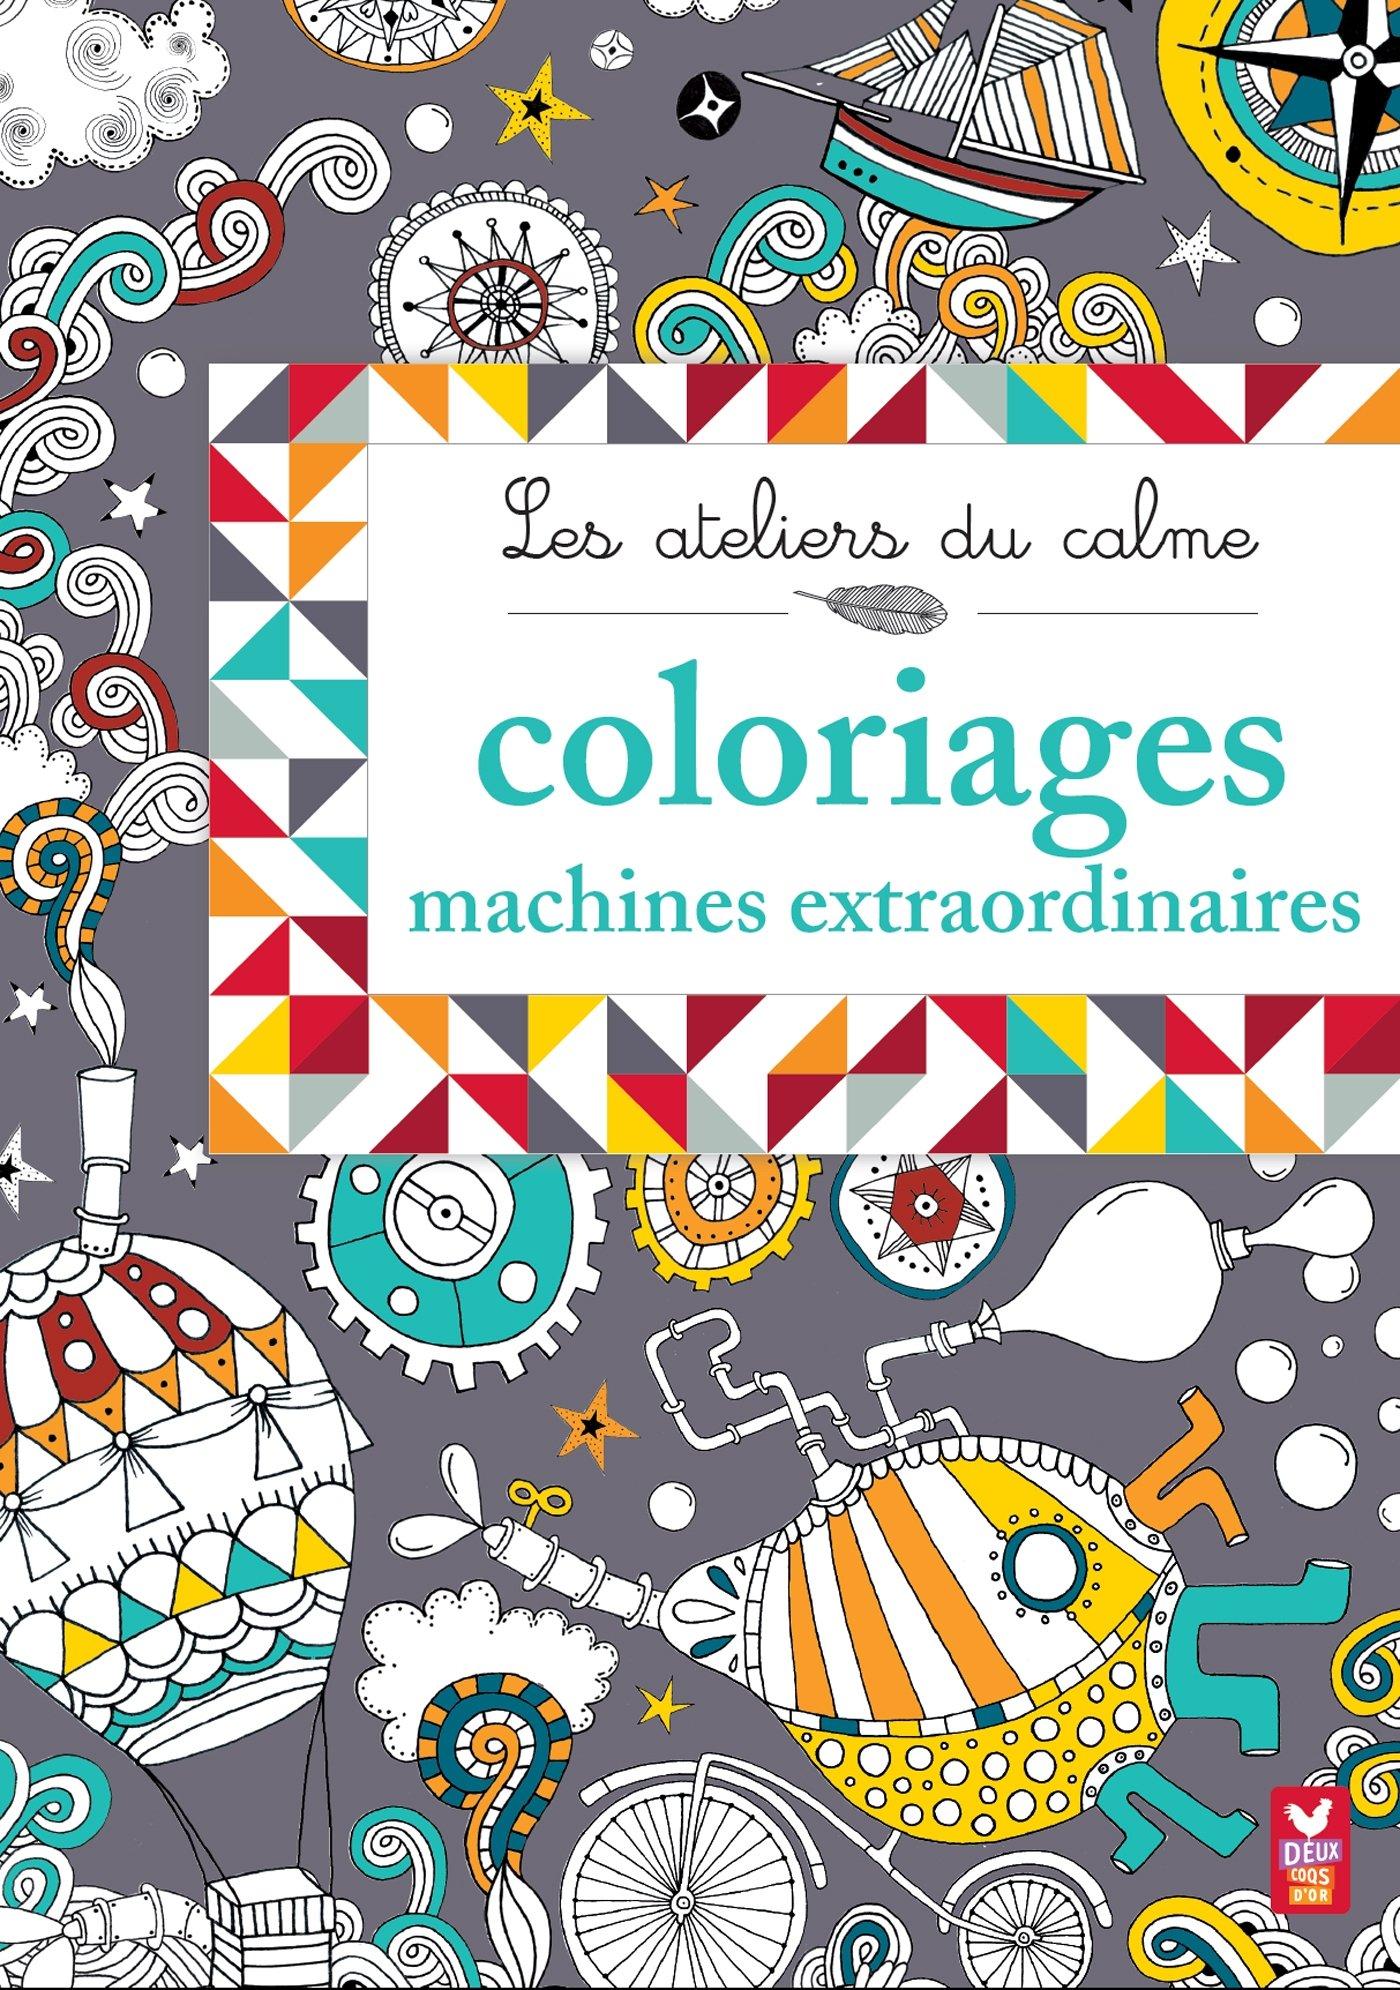 Coloriage Flash Macuine Gratuit.Les Ateliers Du Calme Coloriages Machines Extraordinaires Amazon